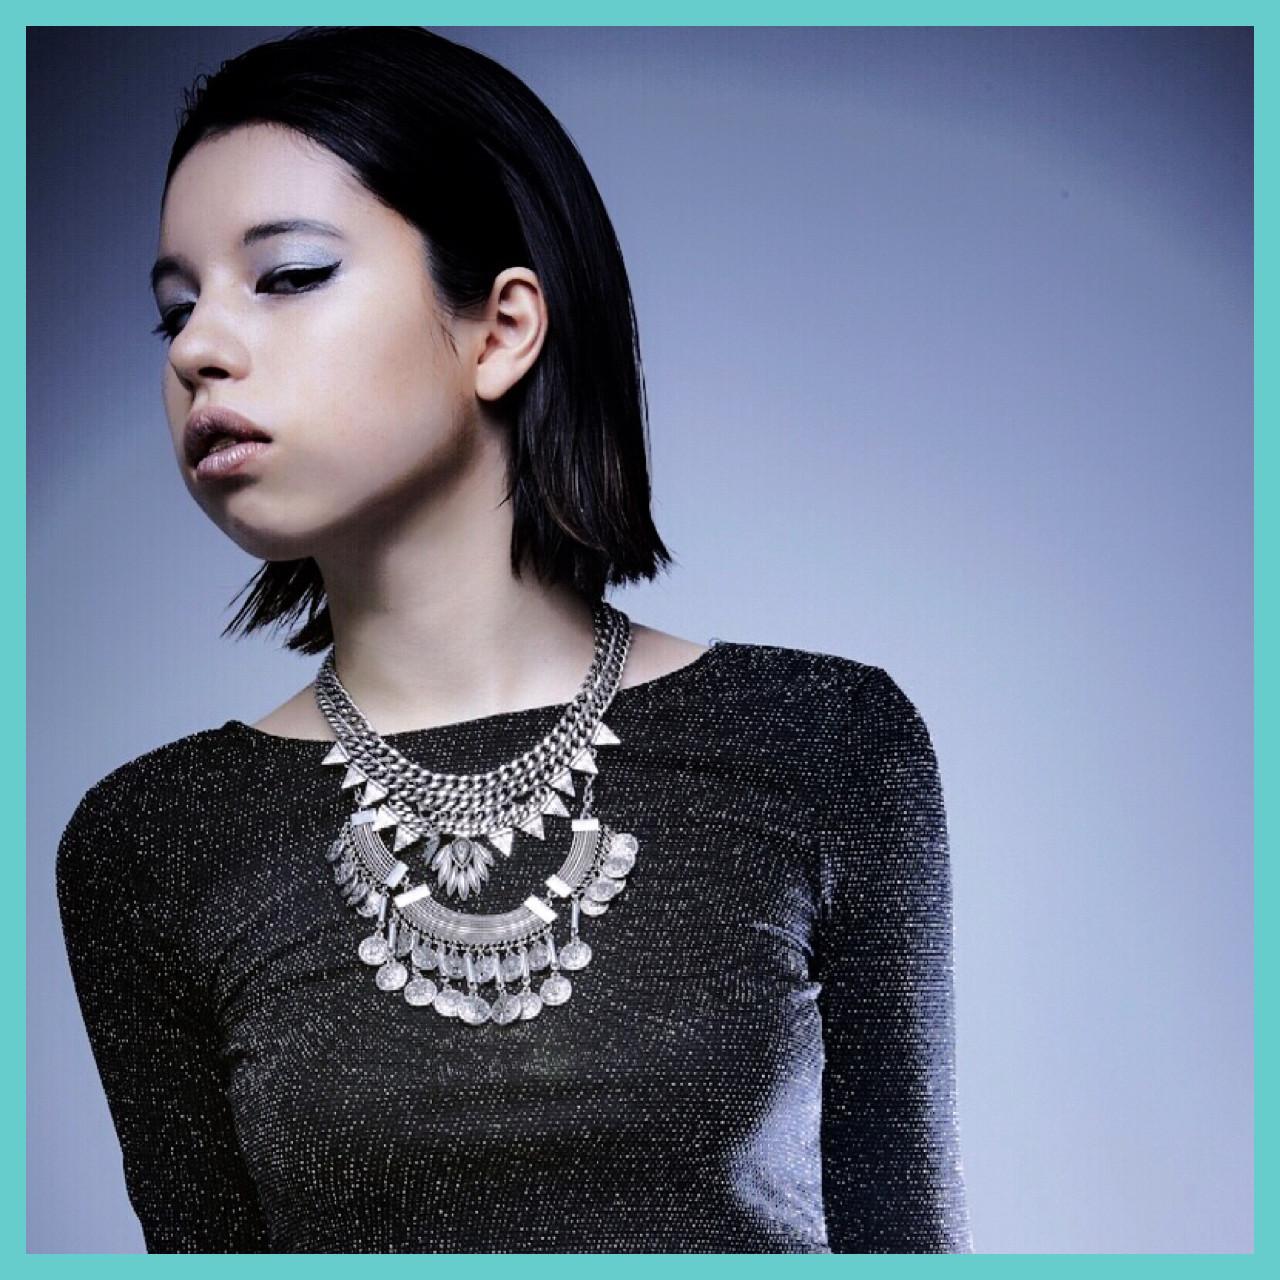 かっこいいけど色っぽい♡前髪なしの黒髪ミディアムヘアスタイル集 エイミ / AMY